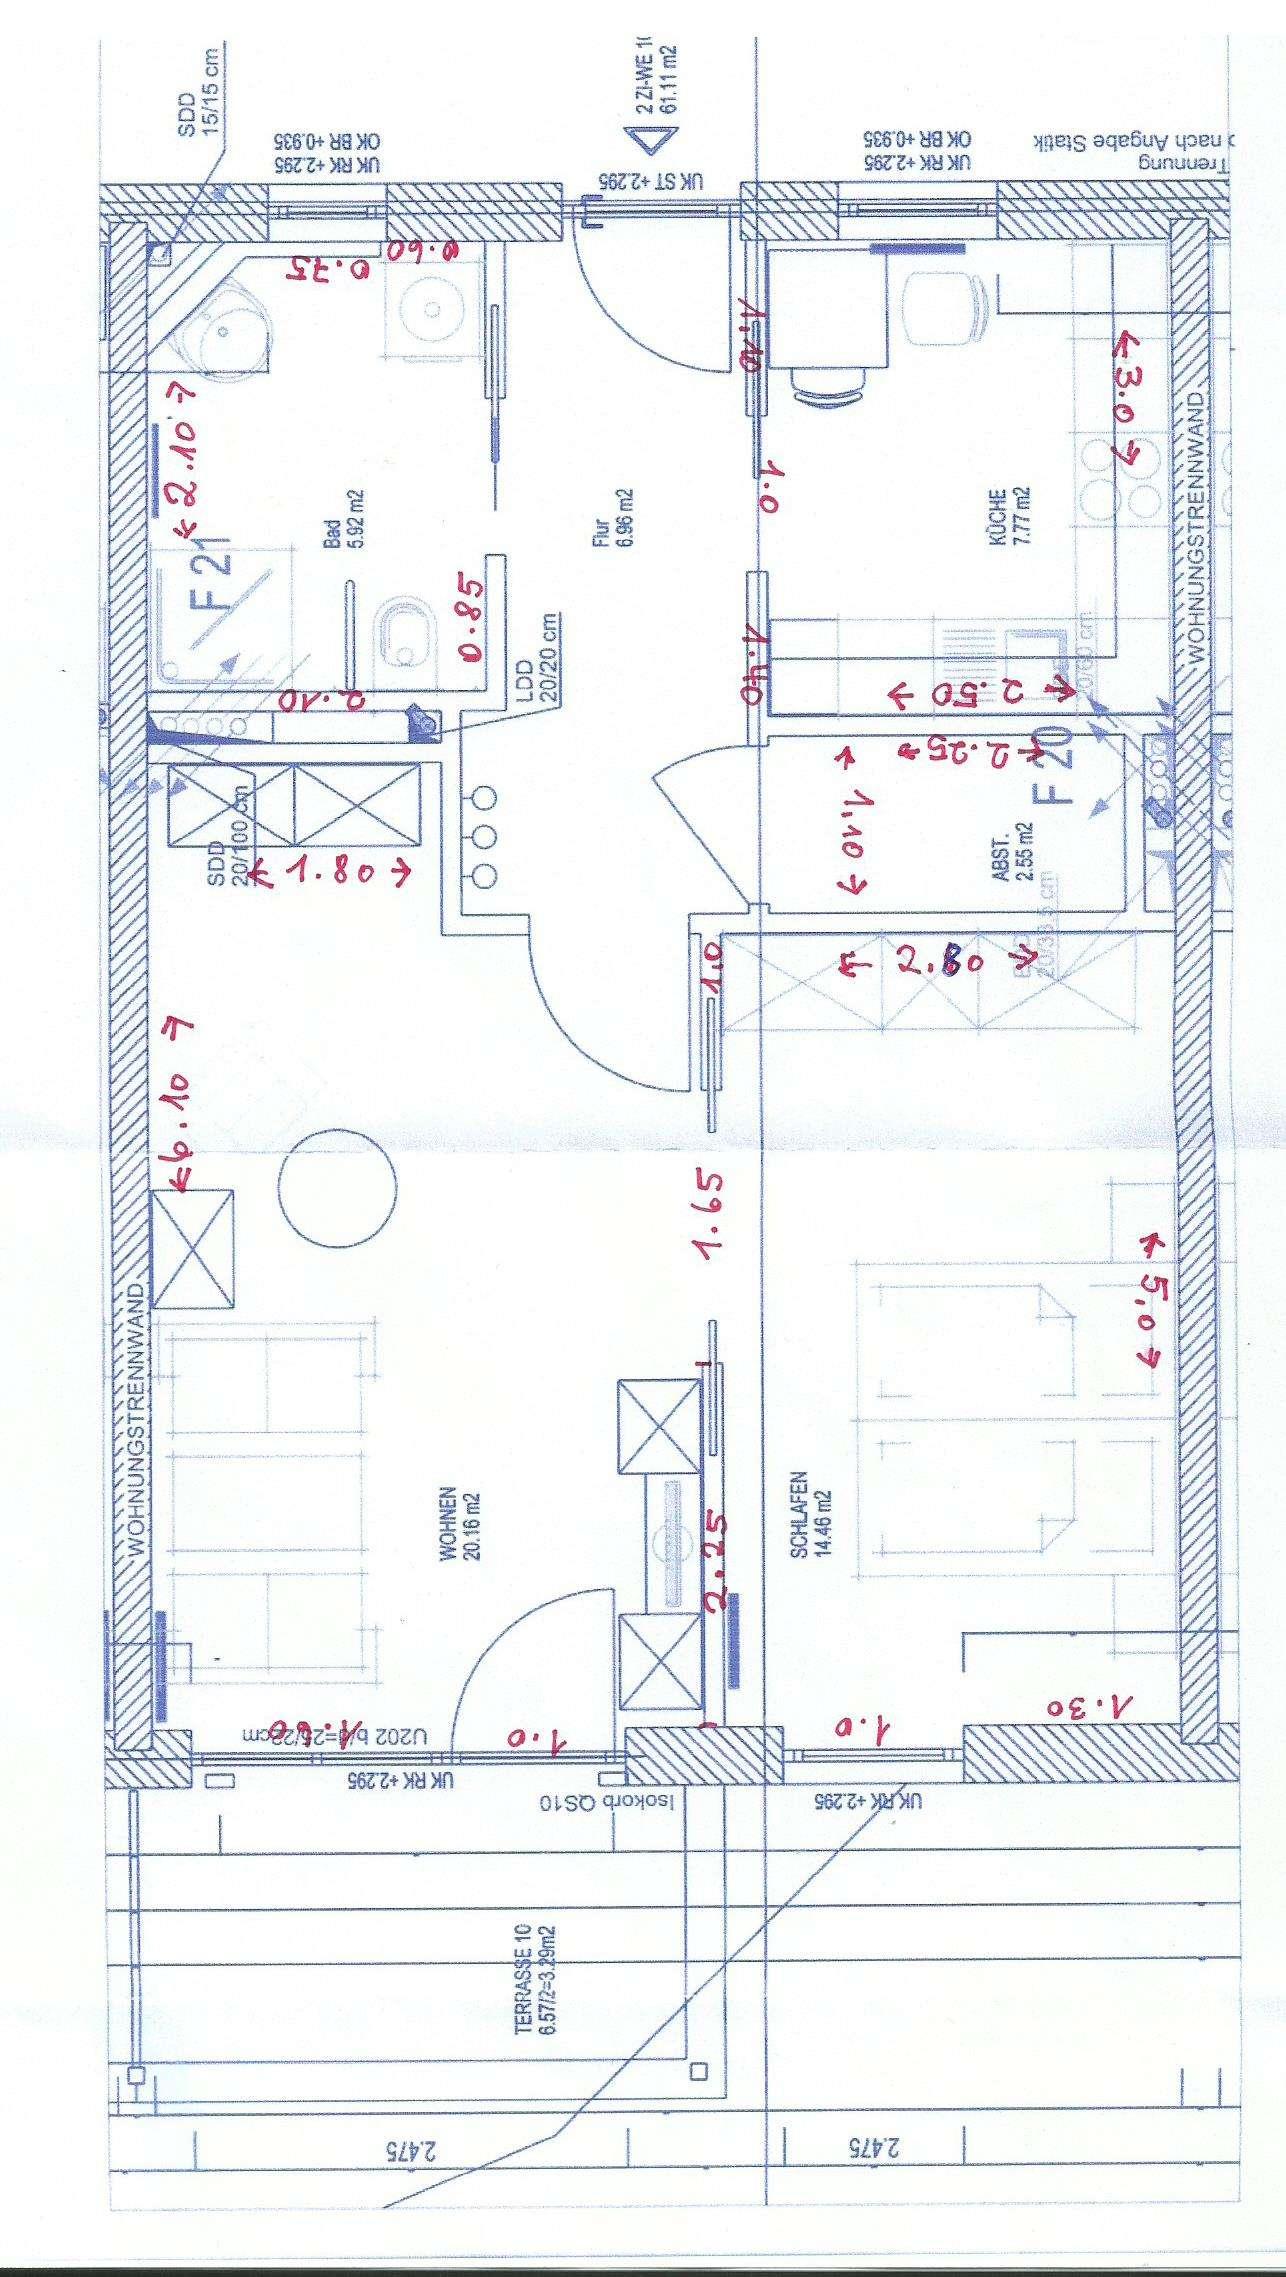 Seniorengerechtes Wohnen: Stilvolle, gepflegte 2-Zimmer-Erdgeschosswohnung in Olching in Olching